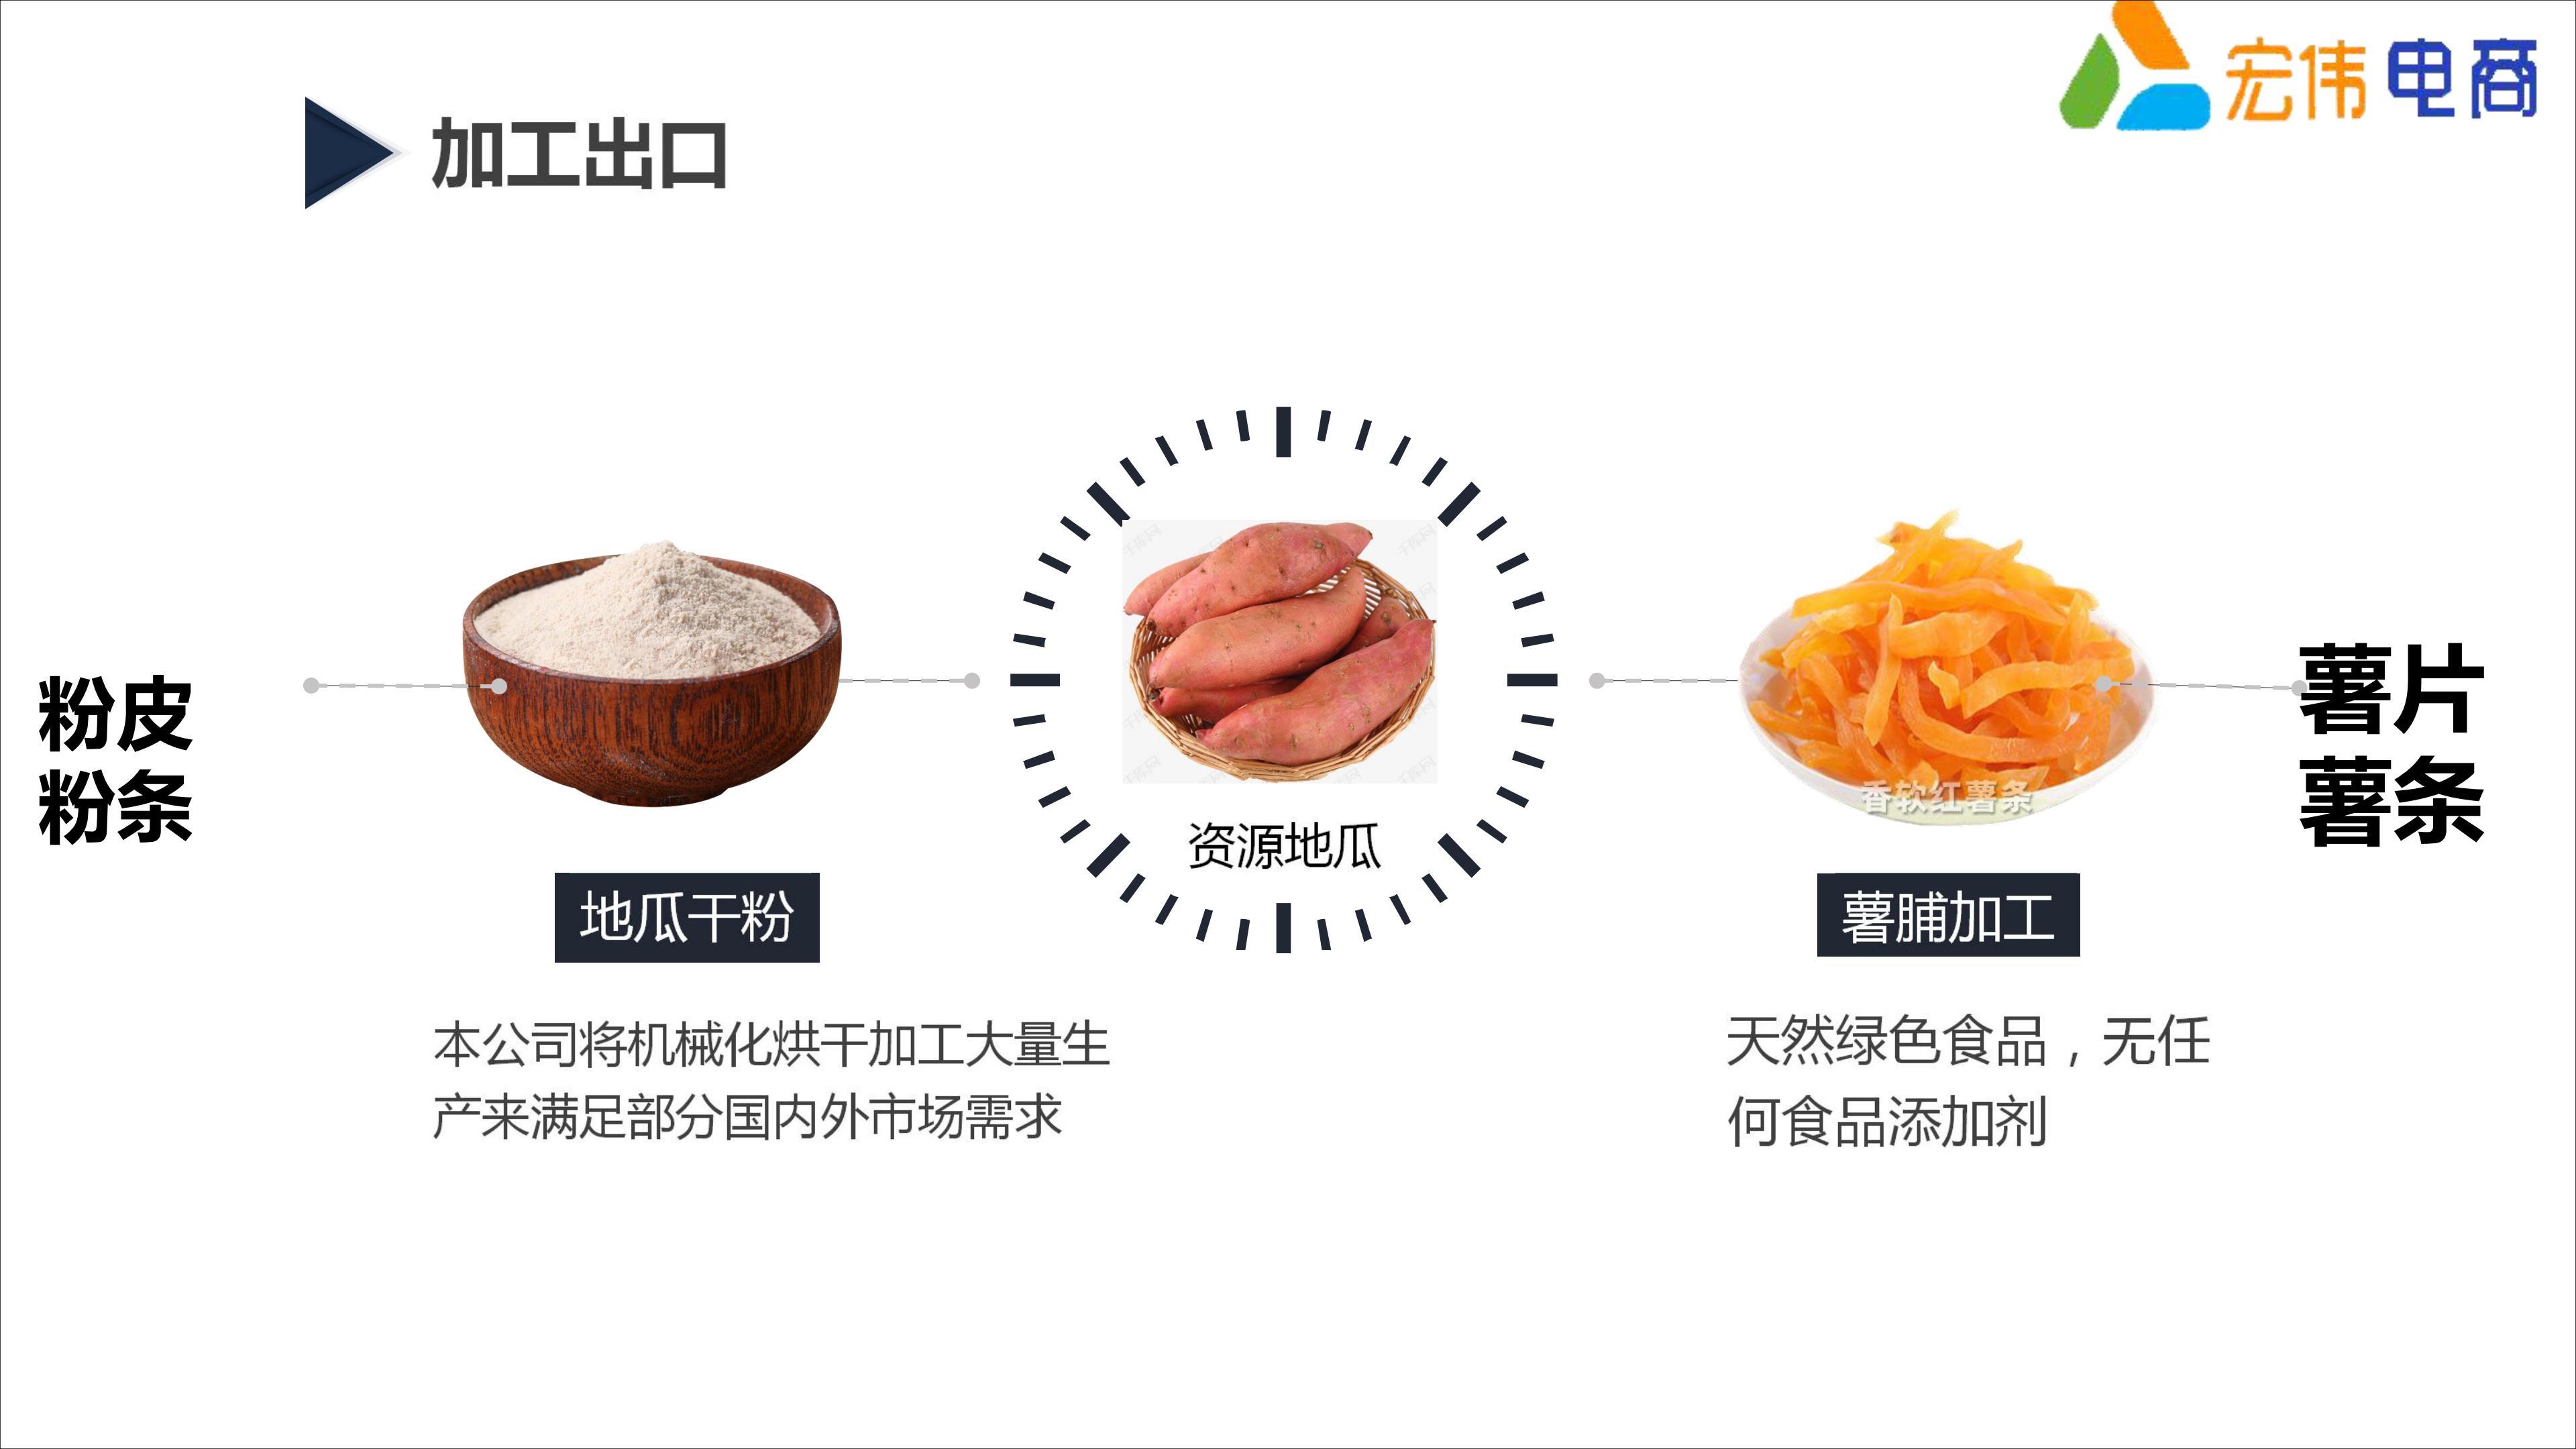 红薯助力万人脱贫创业计划定稿(1)_21.jpg